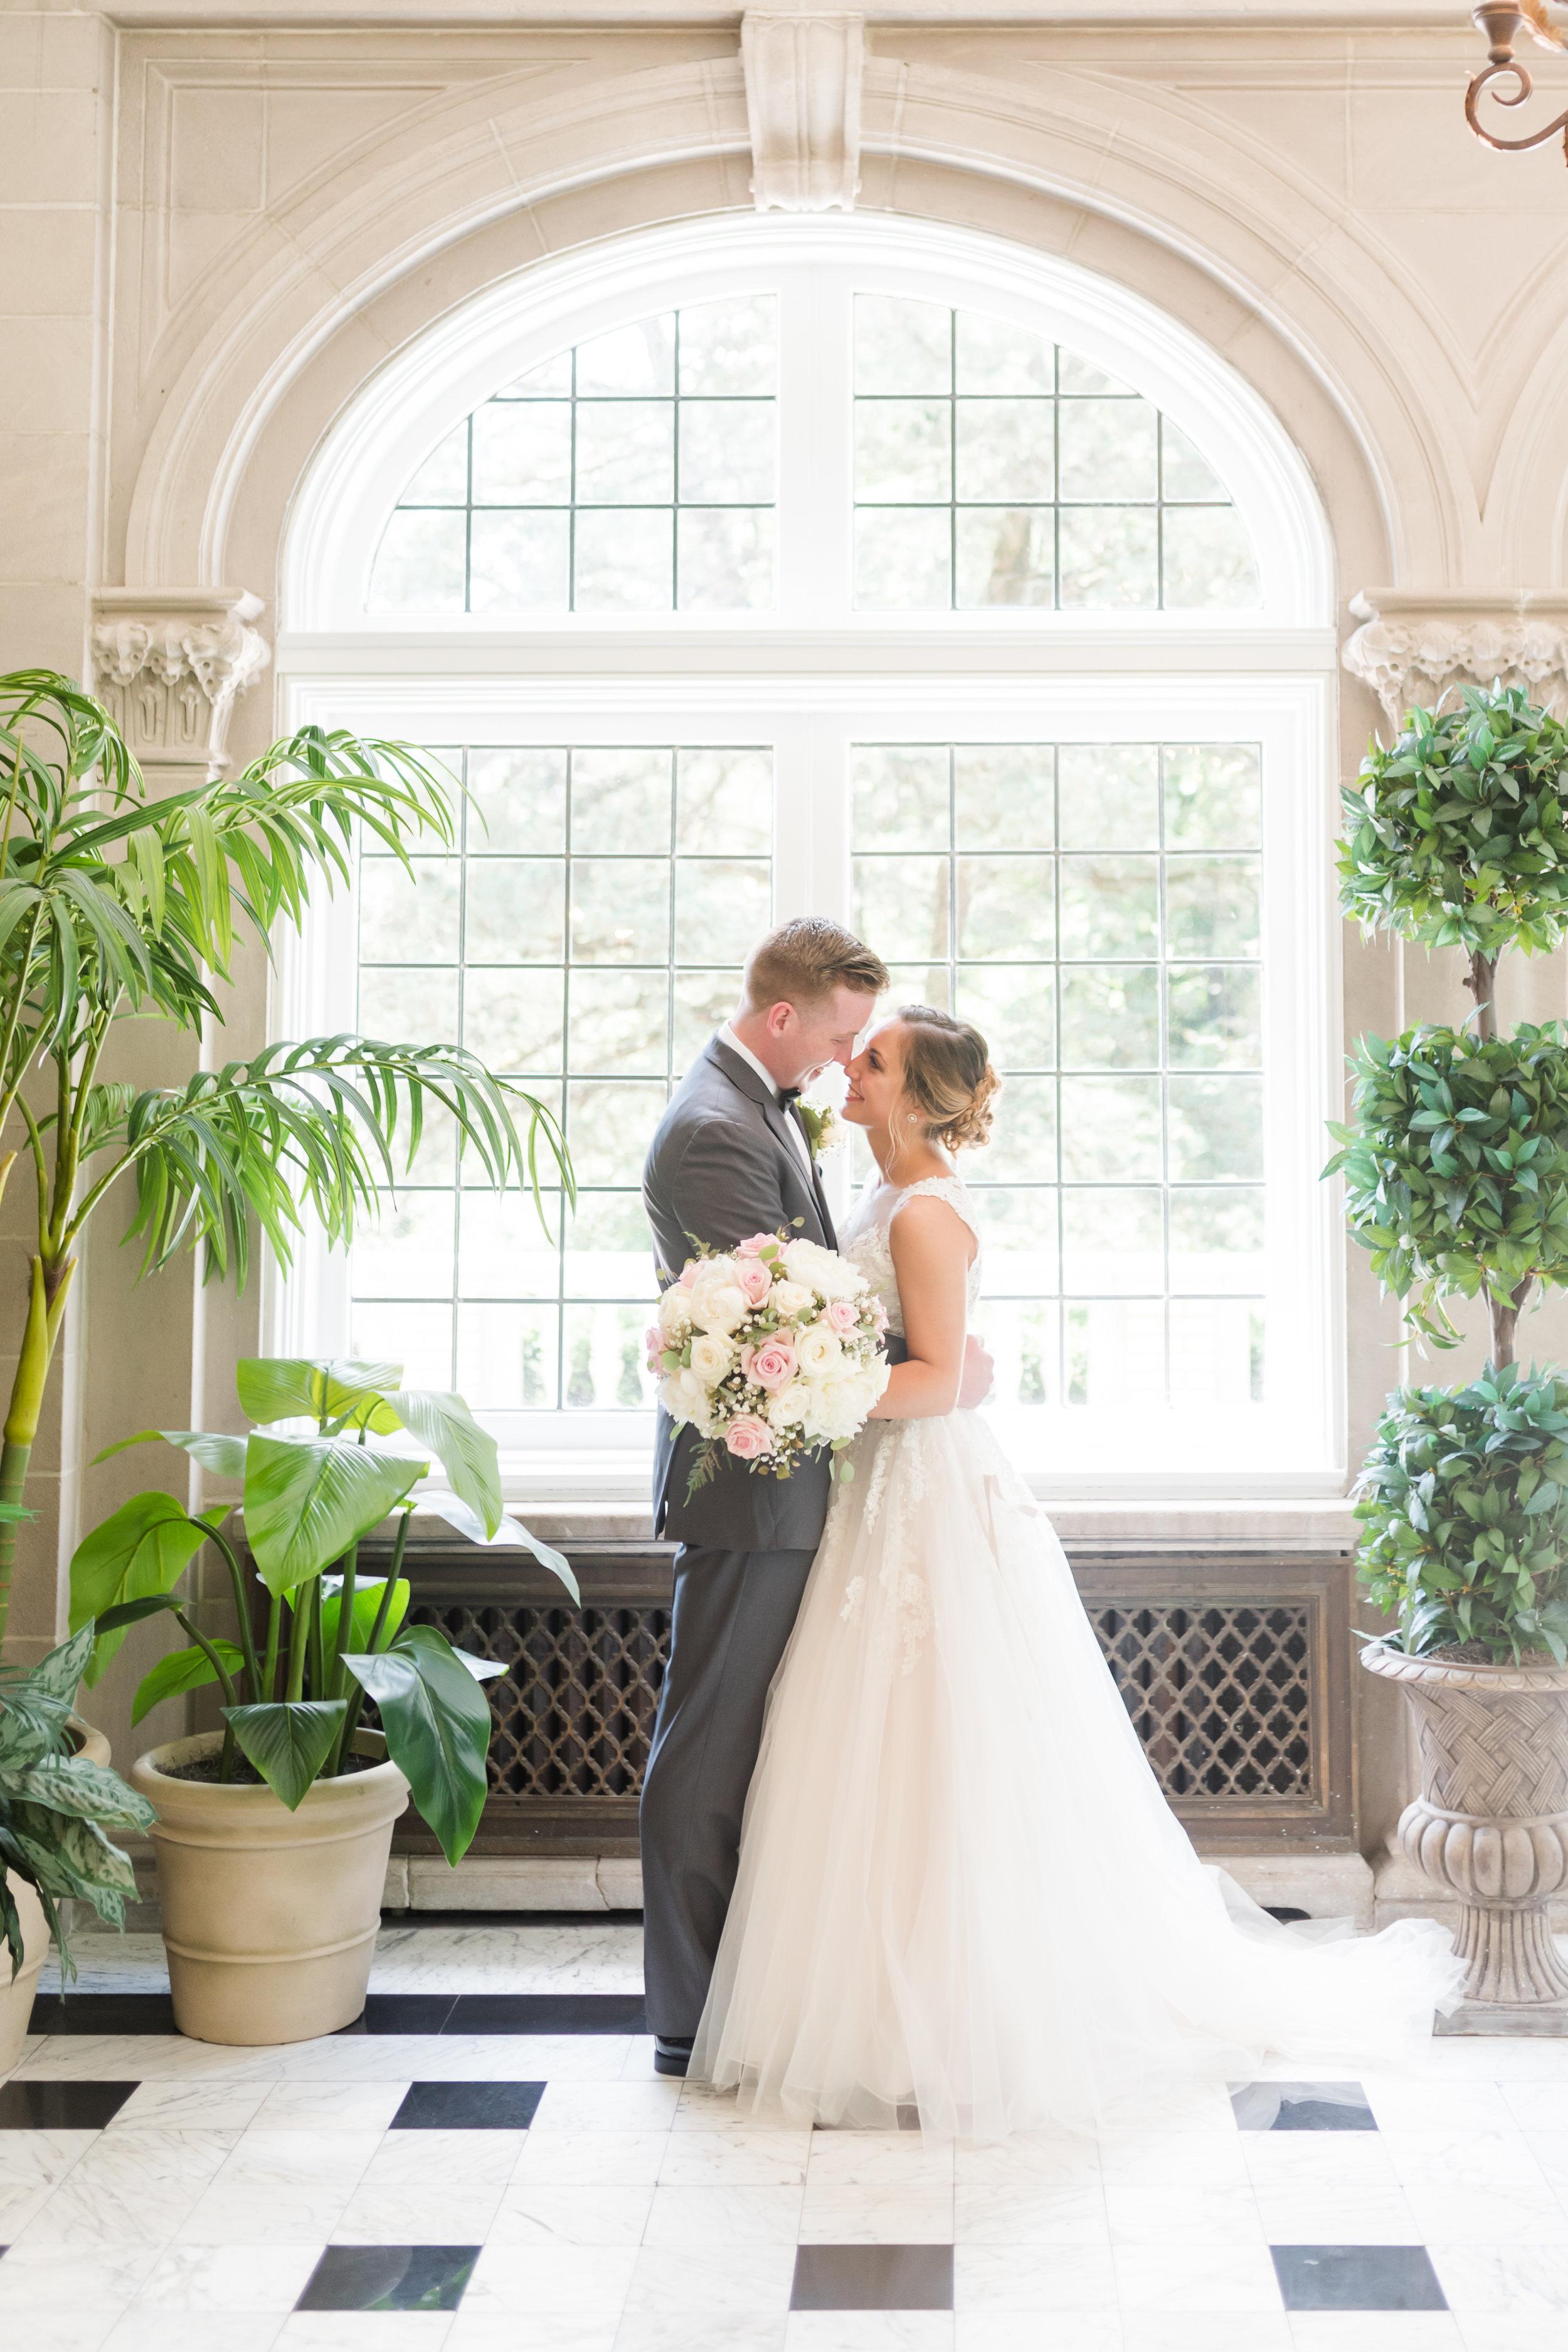 Historic Wedding Venues in Indianapolis